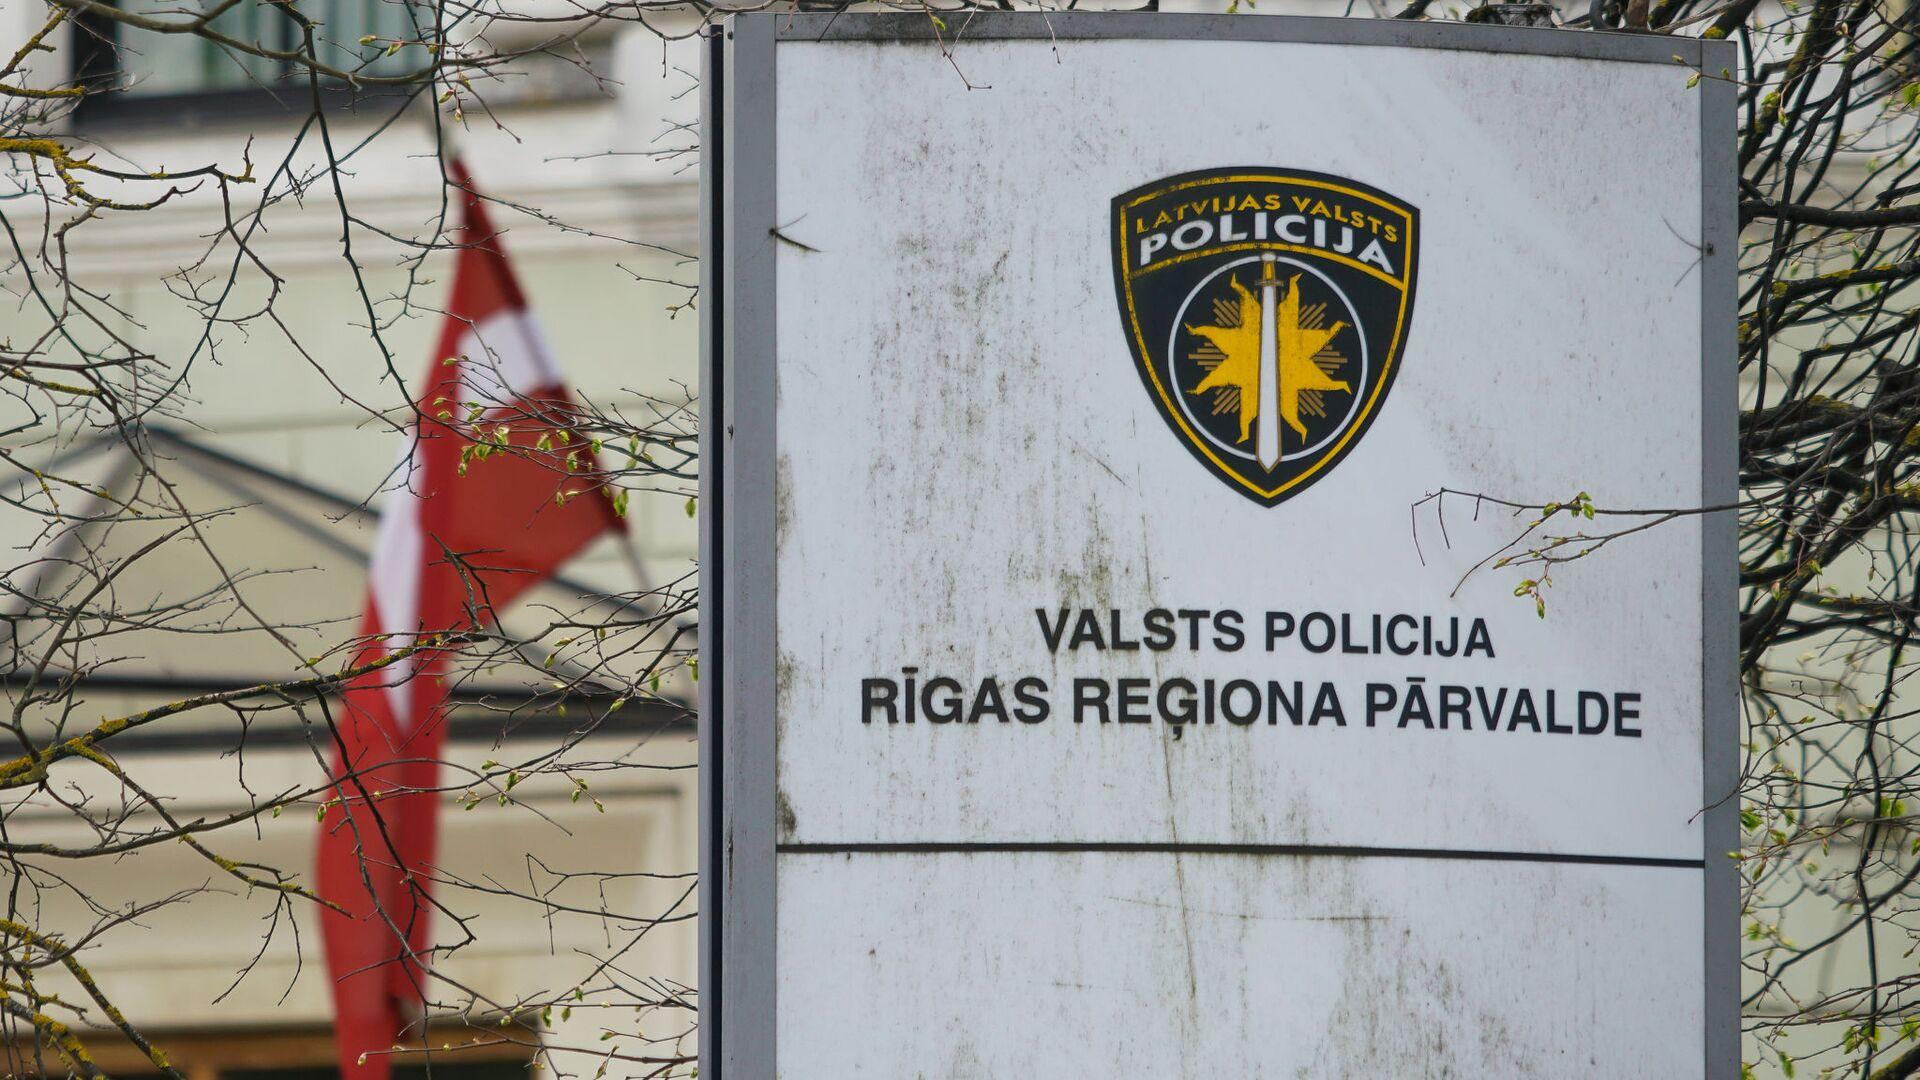 Рижское региональное  управление Государственной полиции - Sputnik Латвия, 1920, 19.09.2021